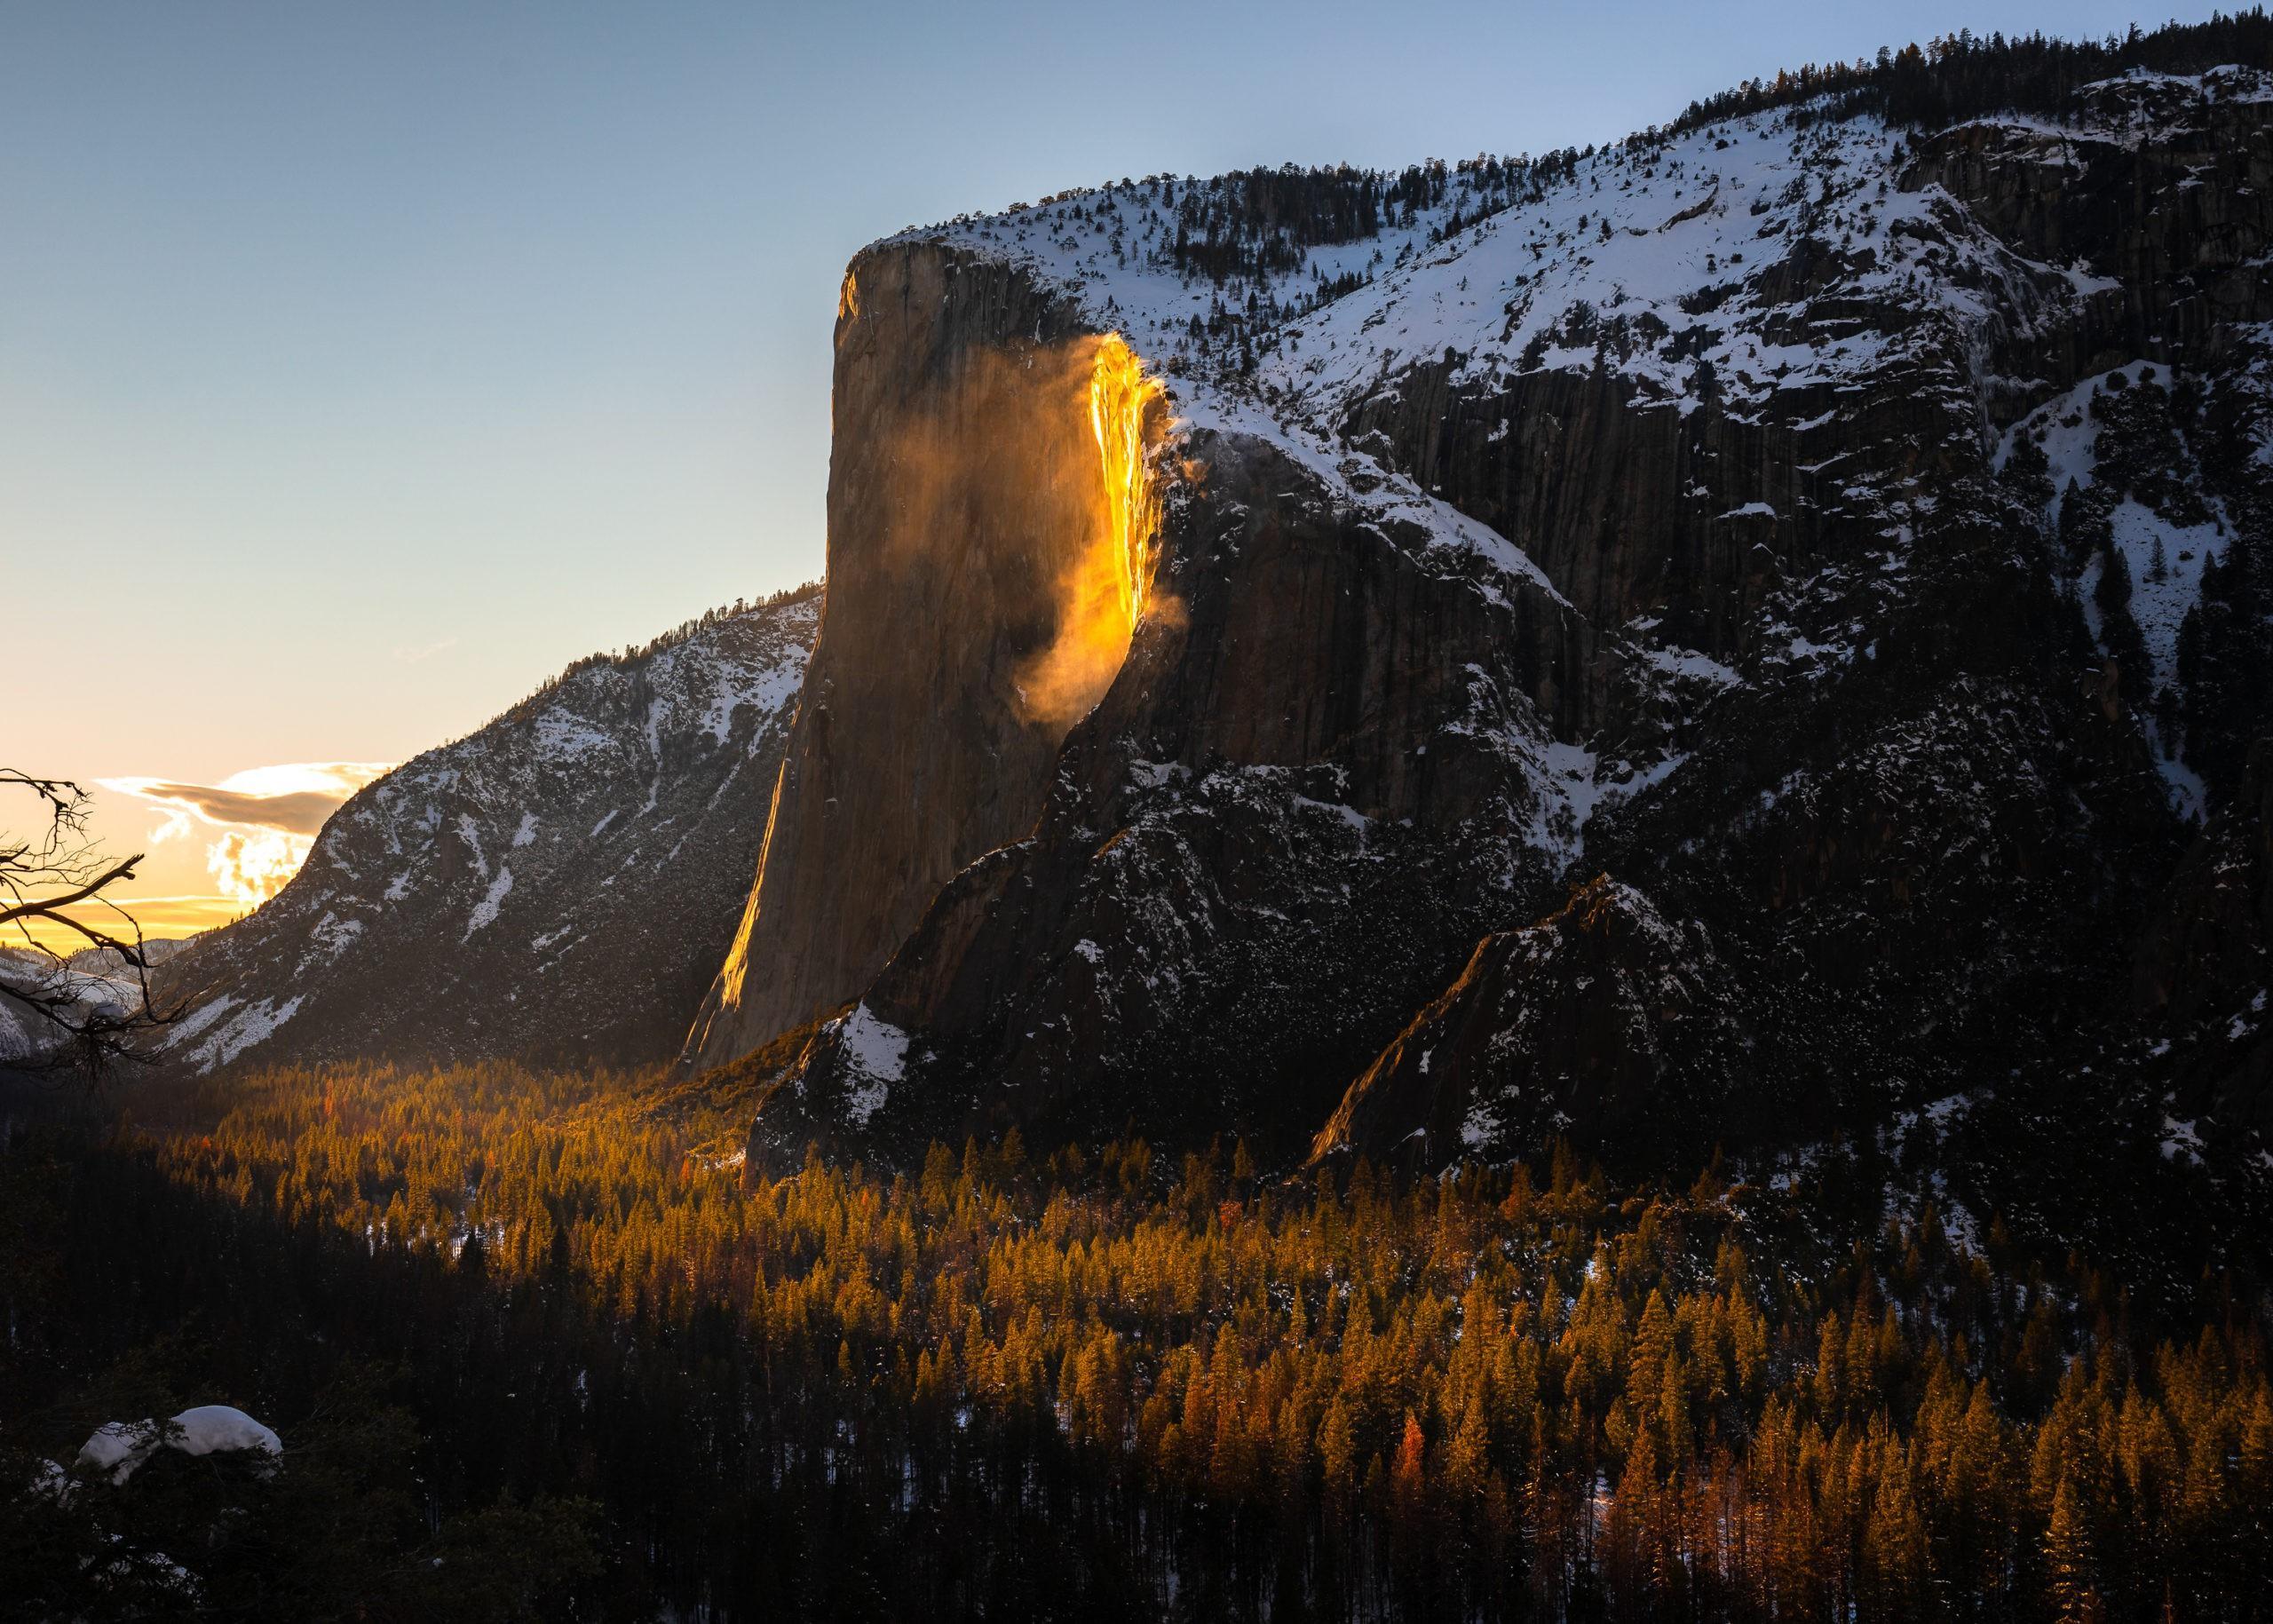 Chùm ảnh: Ngắm hiện tượng 'thác lửa' cực hiếm gặp ở Mỹ - ảnh 7.